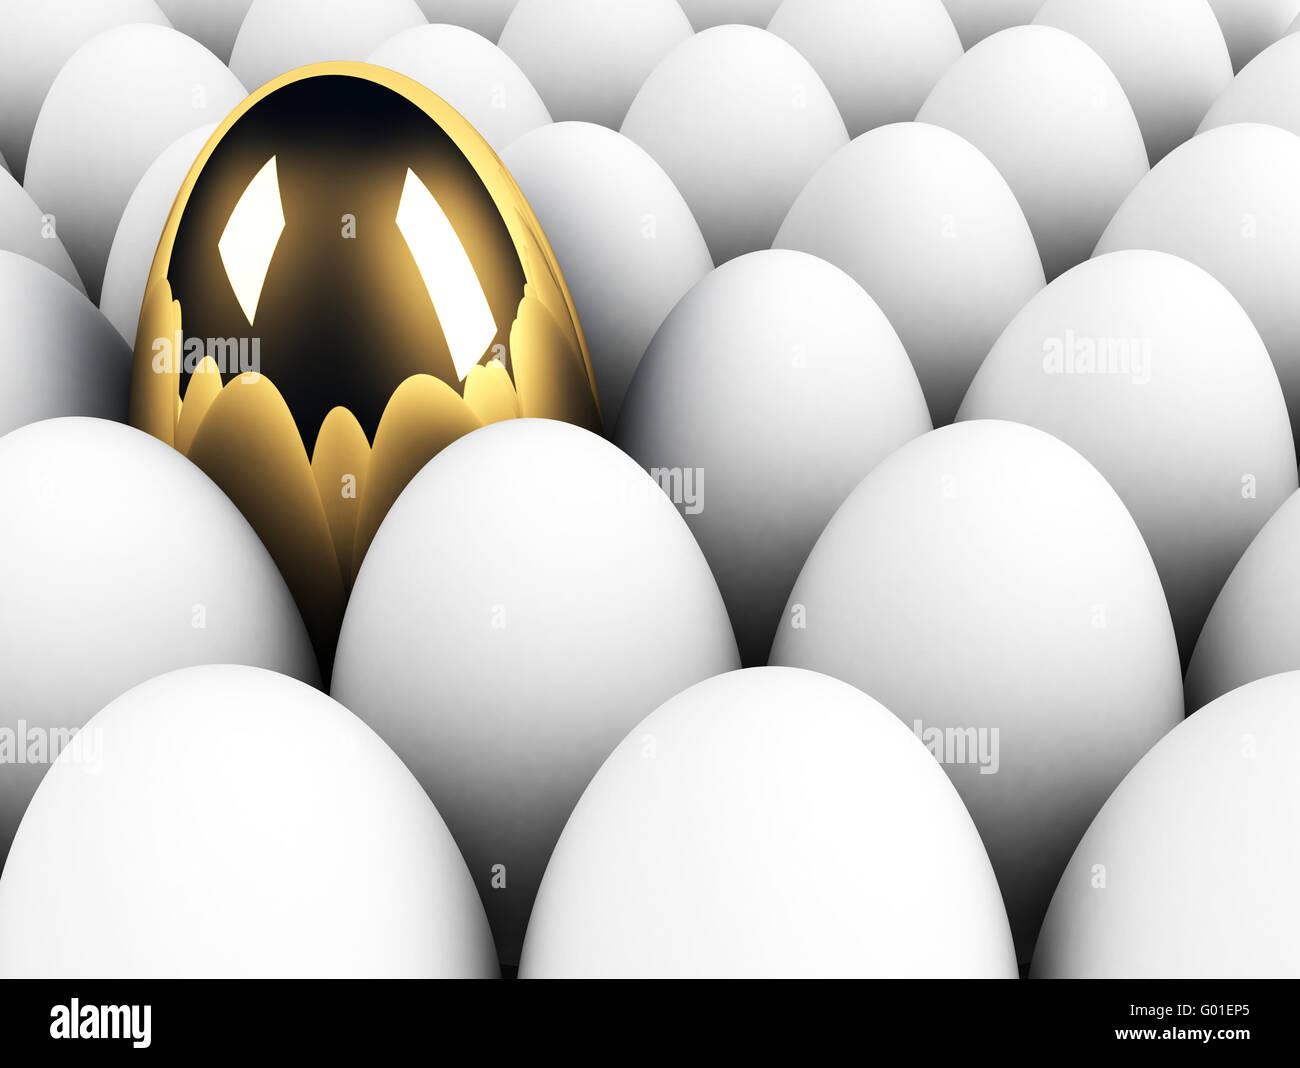 Gran huevo dorado en la muchedumbre singularidad concepto Imagen De Stock